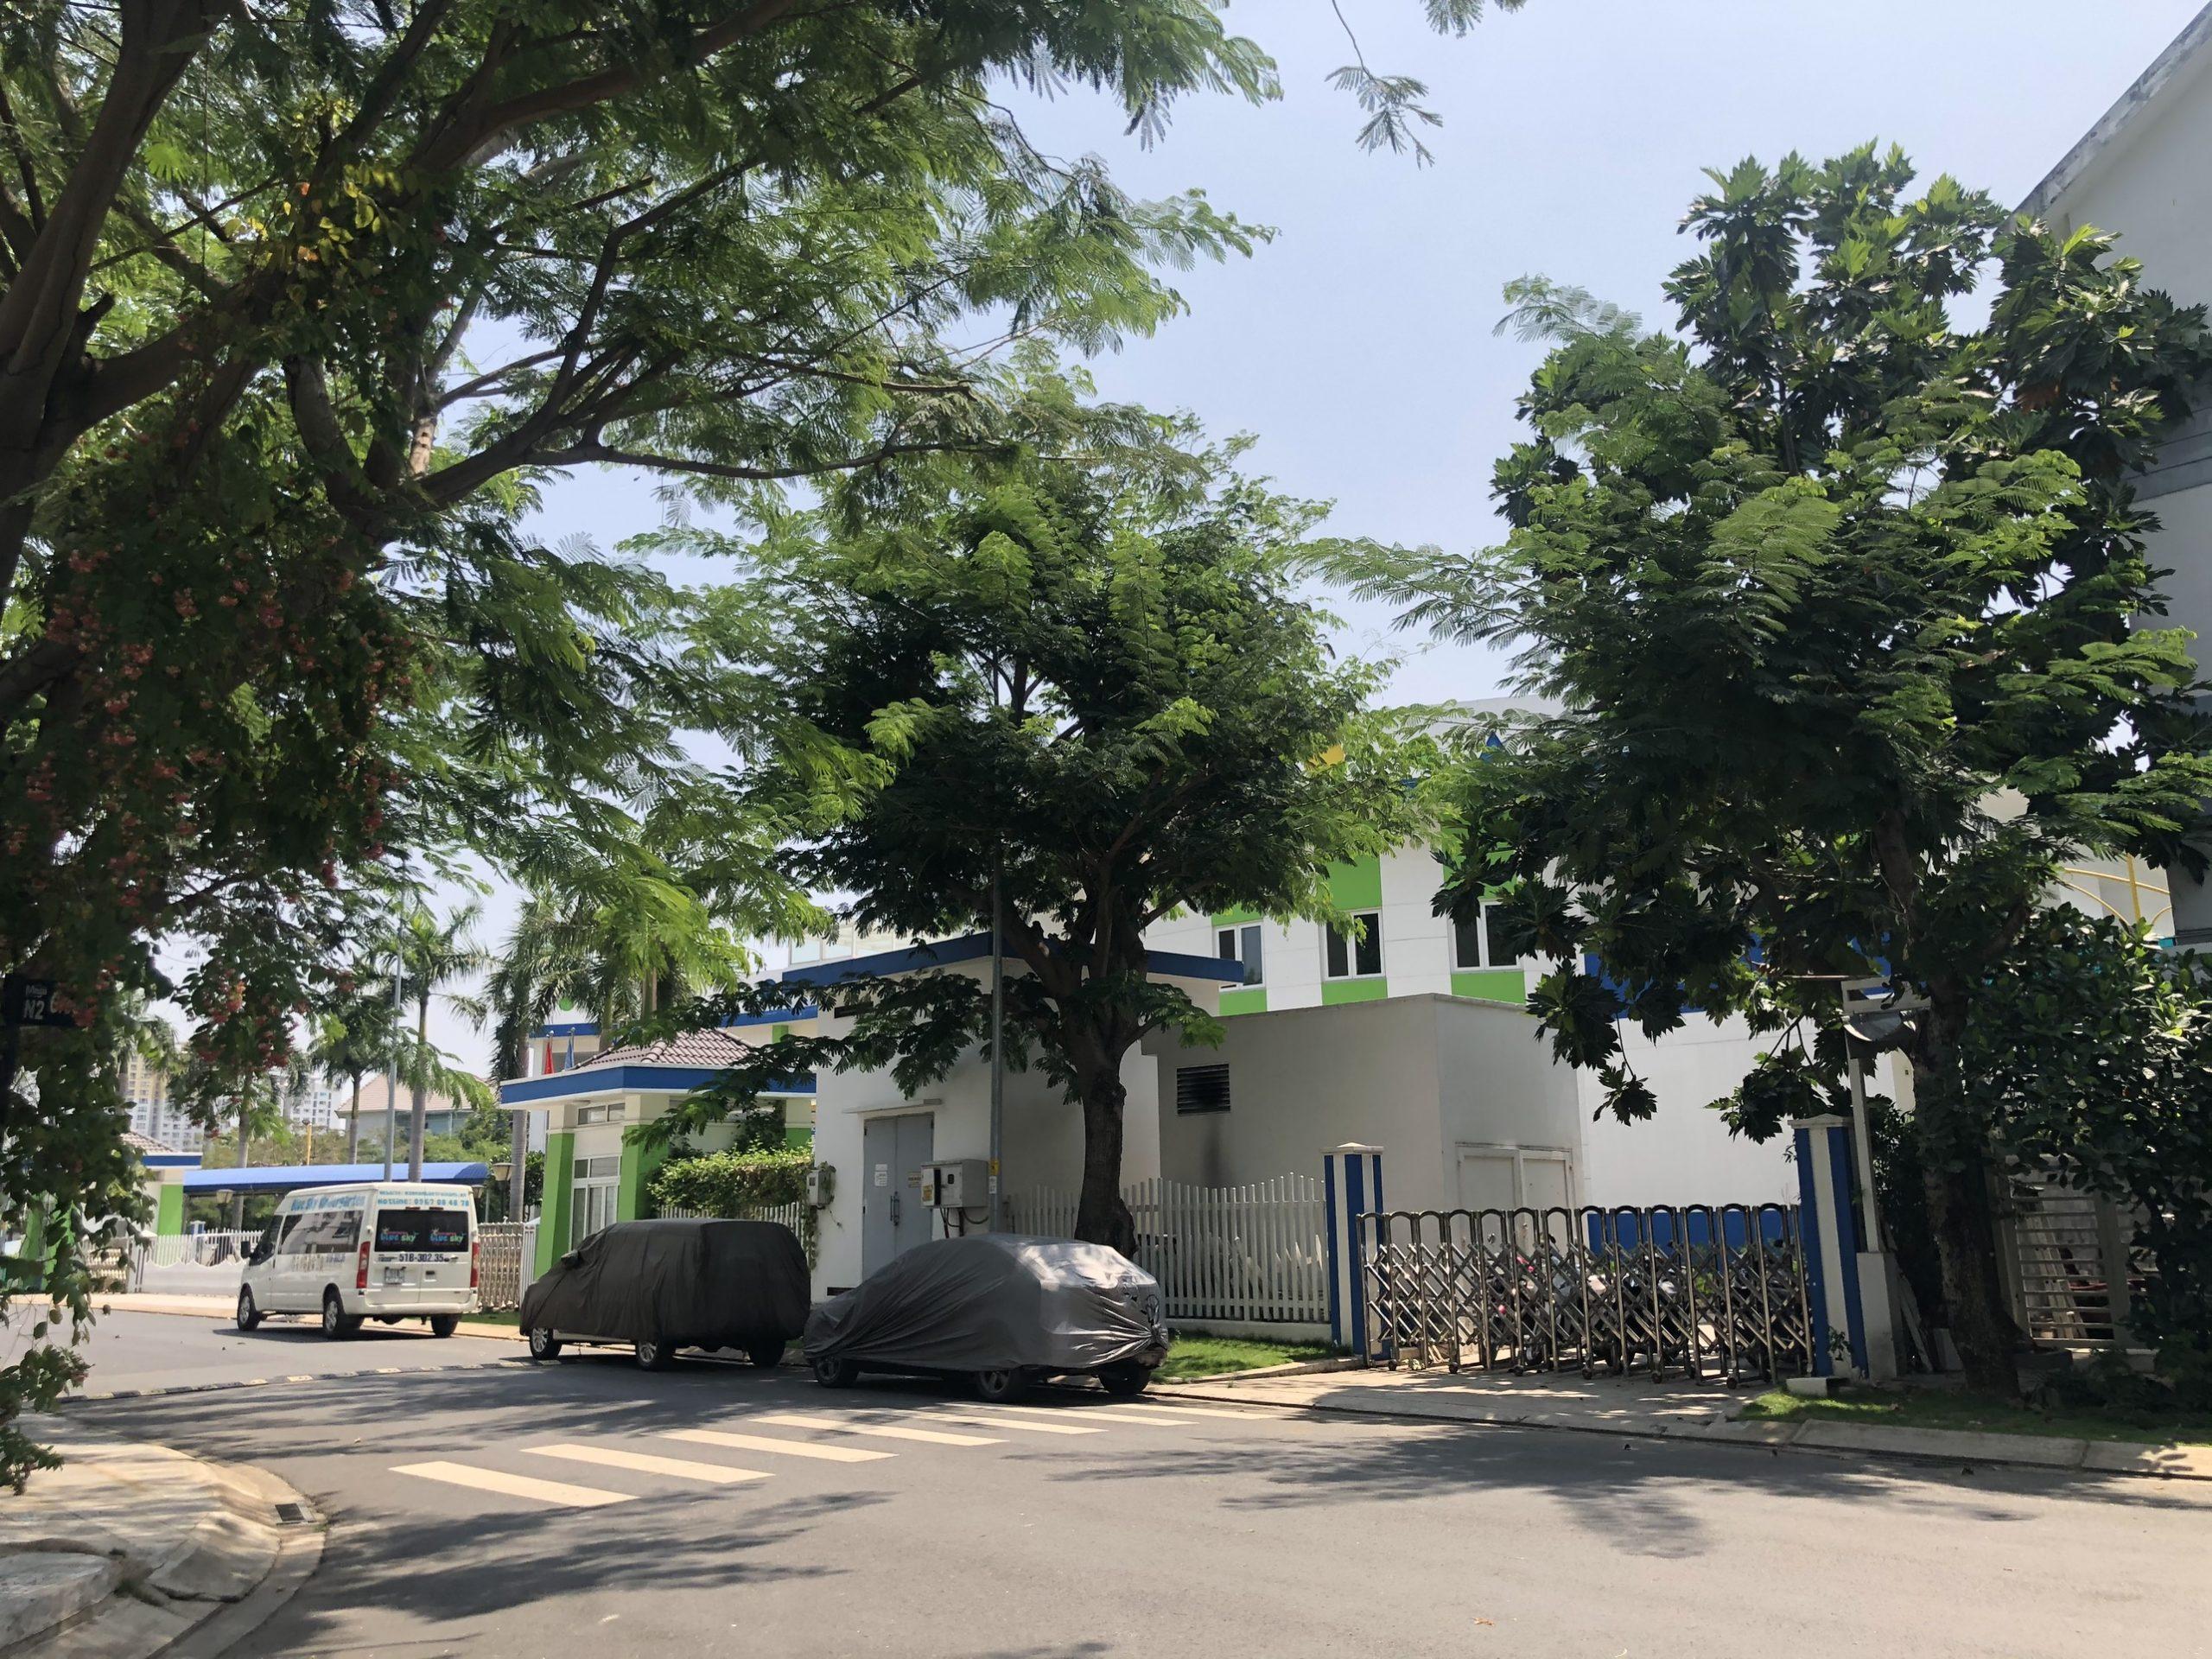 Hình ảnh thực tế cập nhật mới nhất dự án Mega Khang Điền Quận 9. Liên hệ 0812 756 888